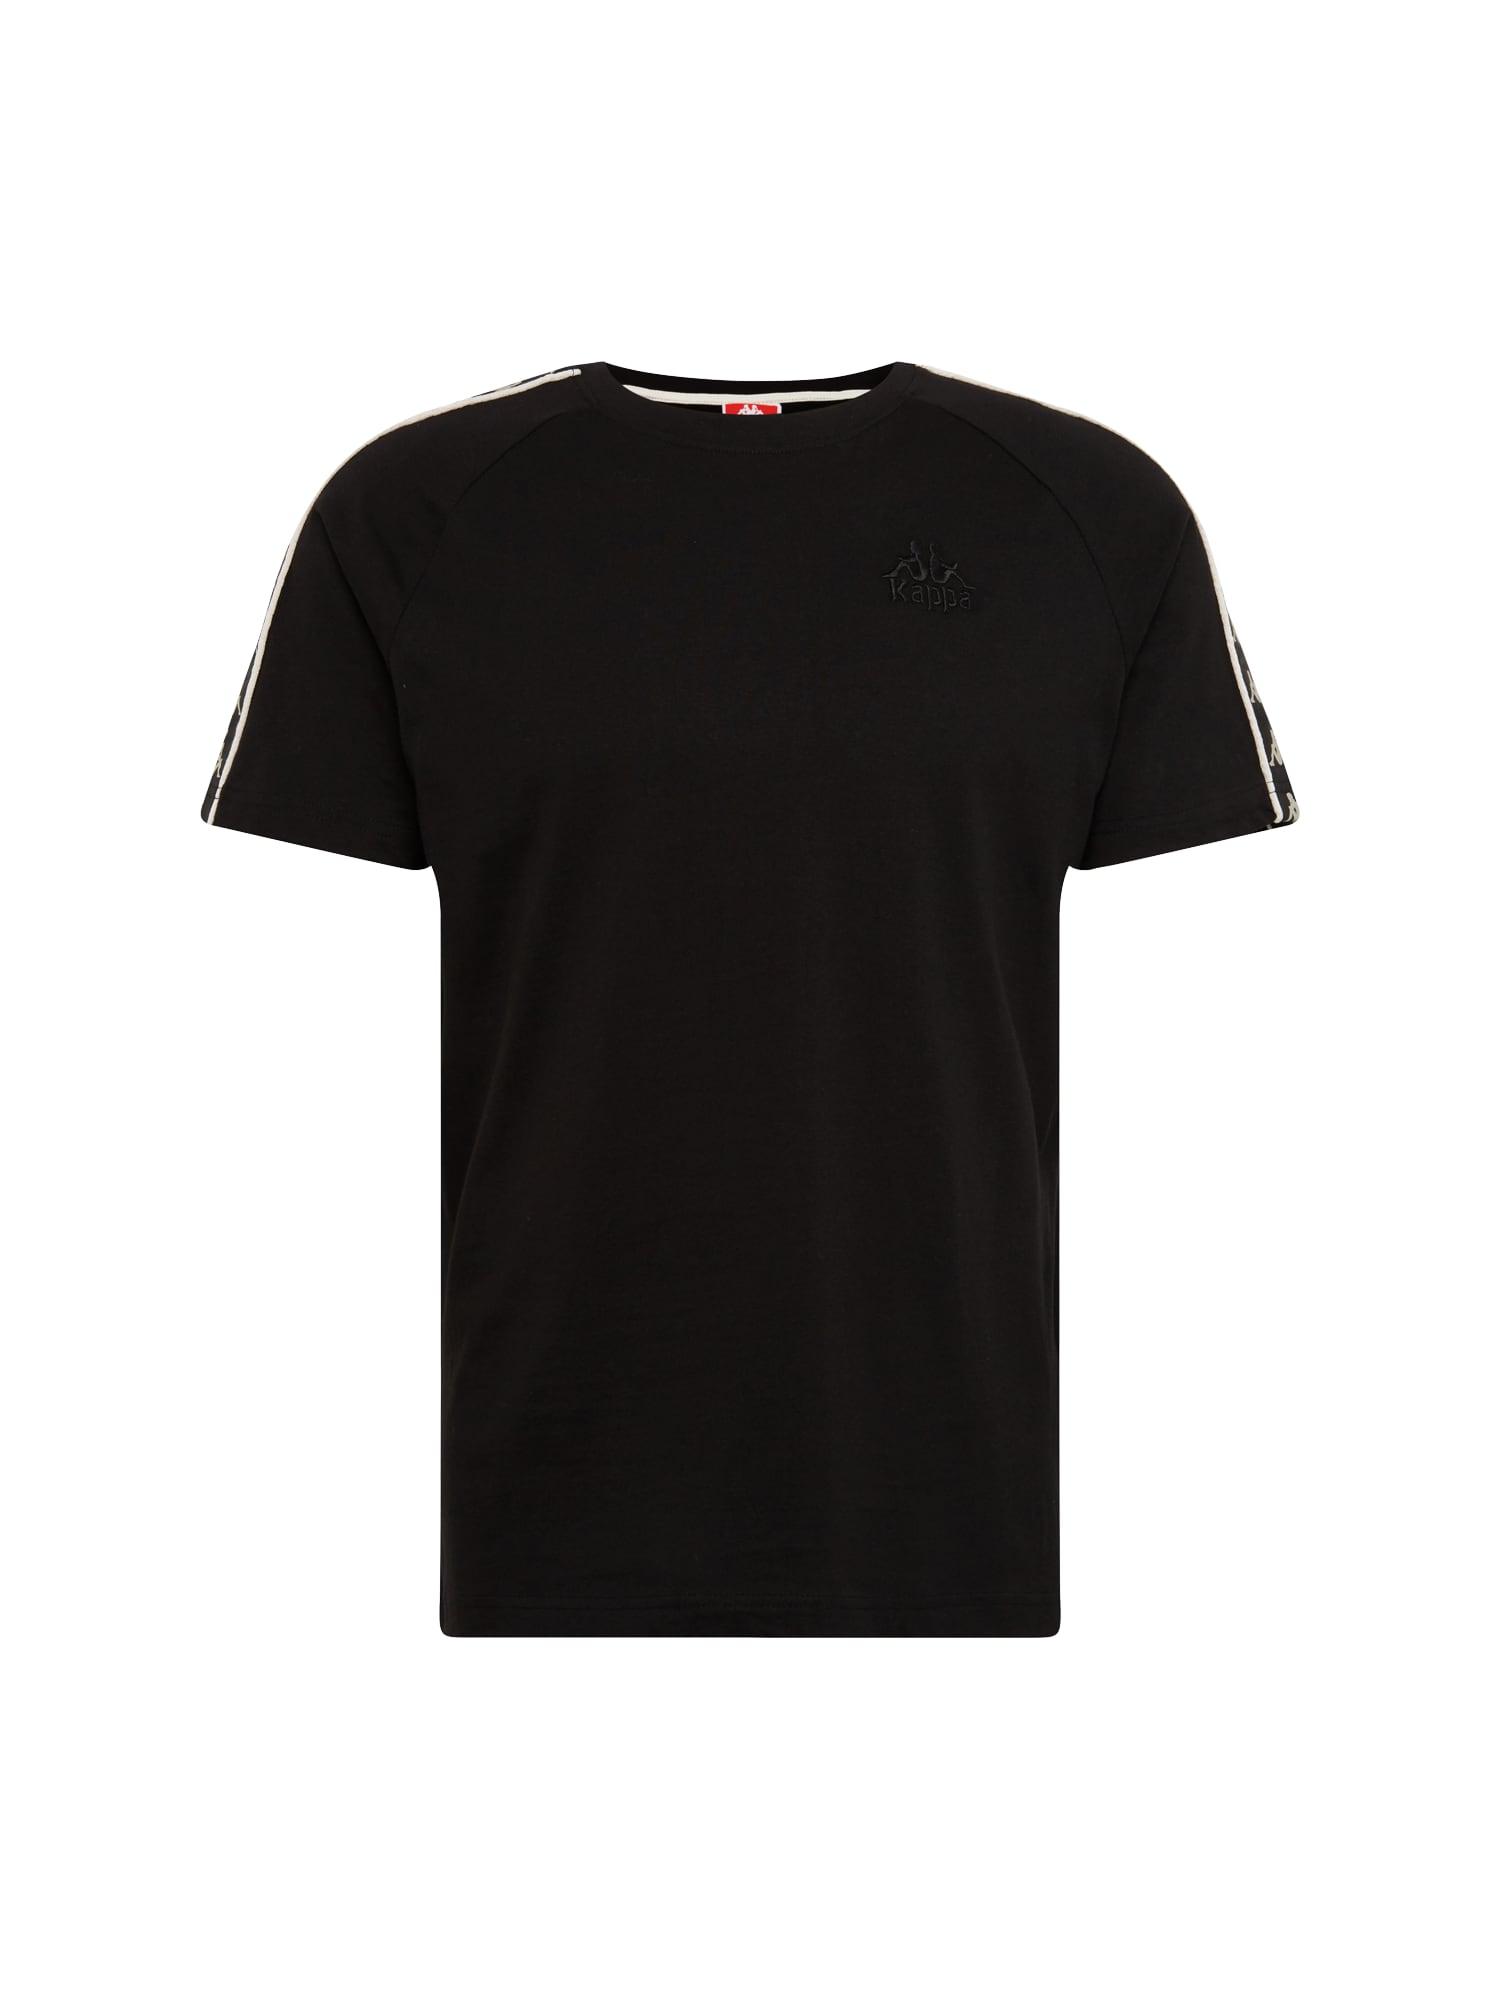 best authentic 79e70 c08e9 KAPPA T-Shirt DAAN schwarz ✓ | Günstig & Schnell einkaufen